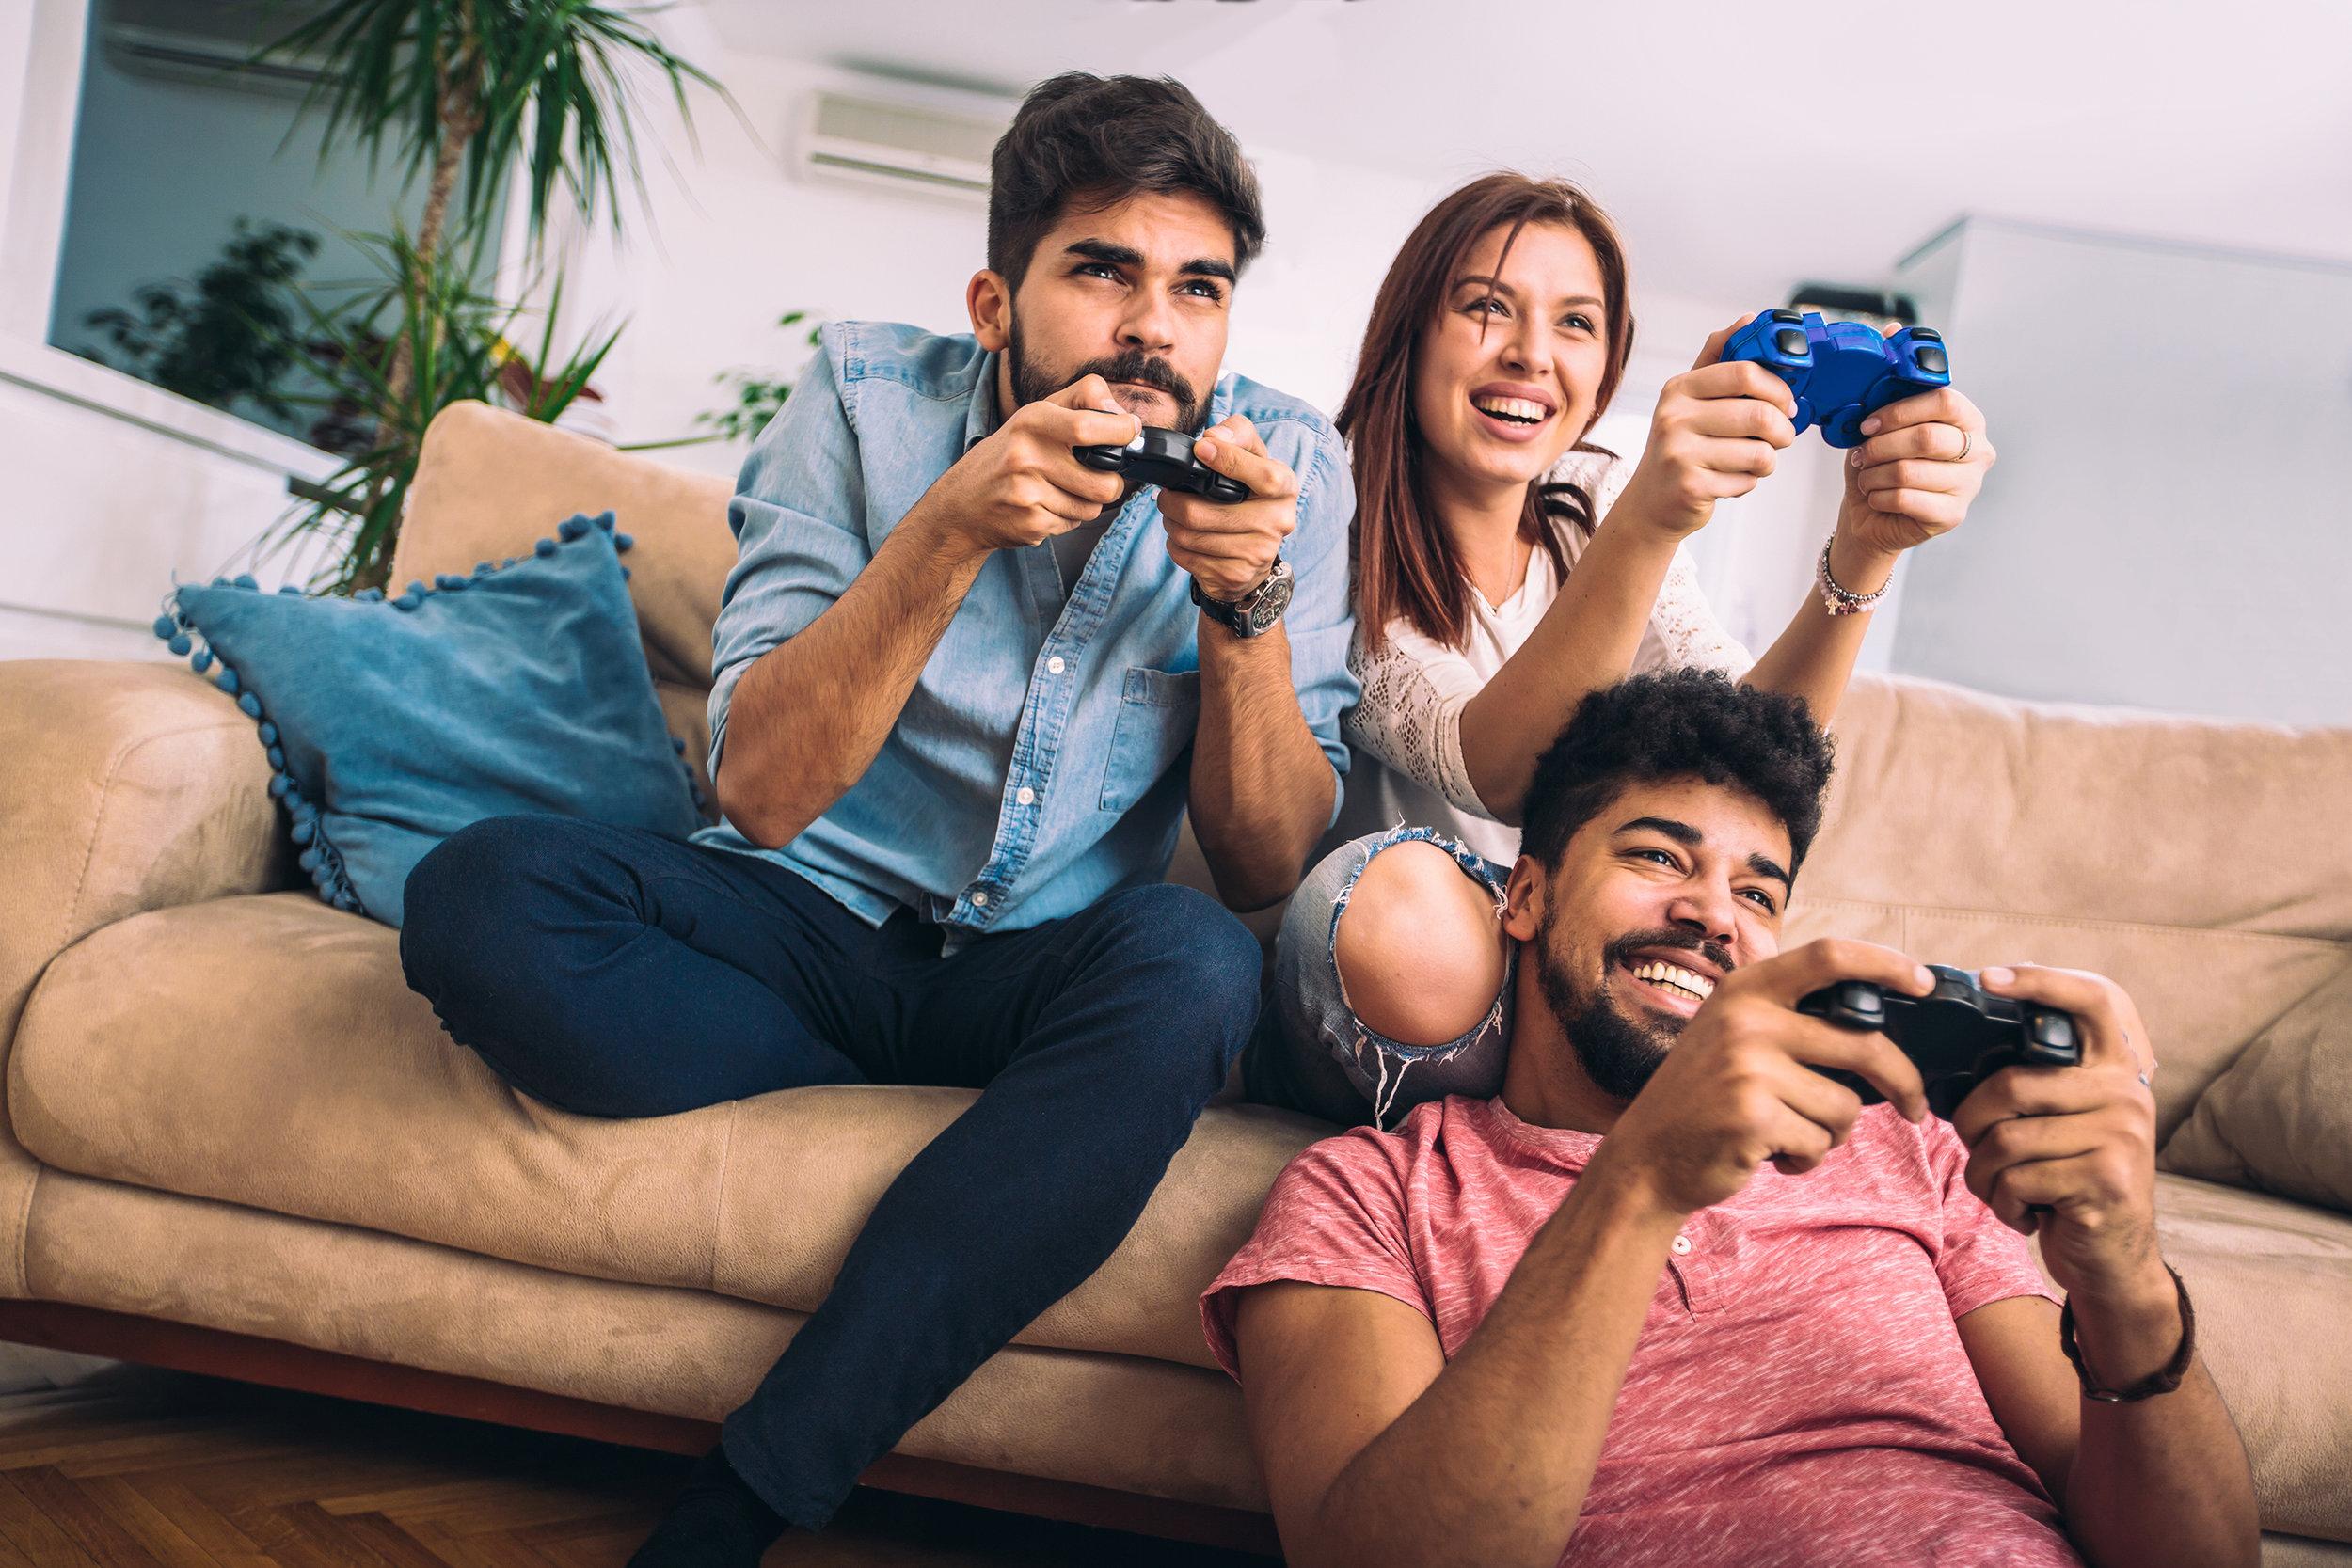 FriendsPlayingGames